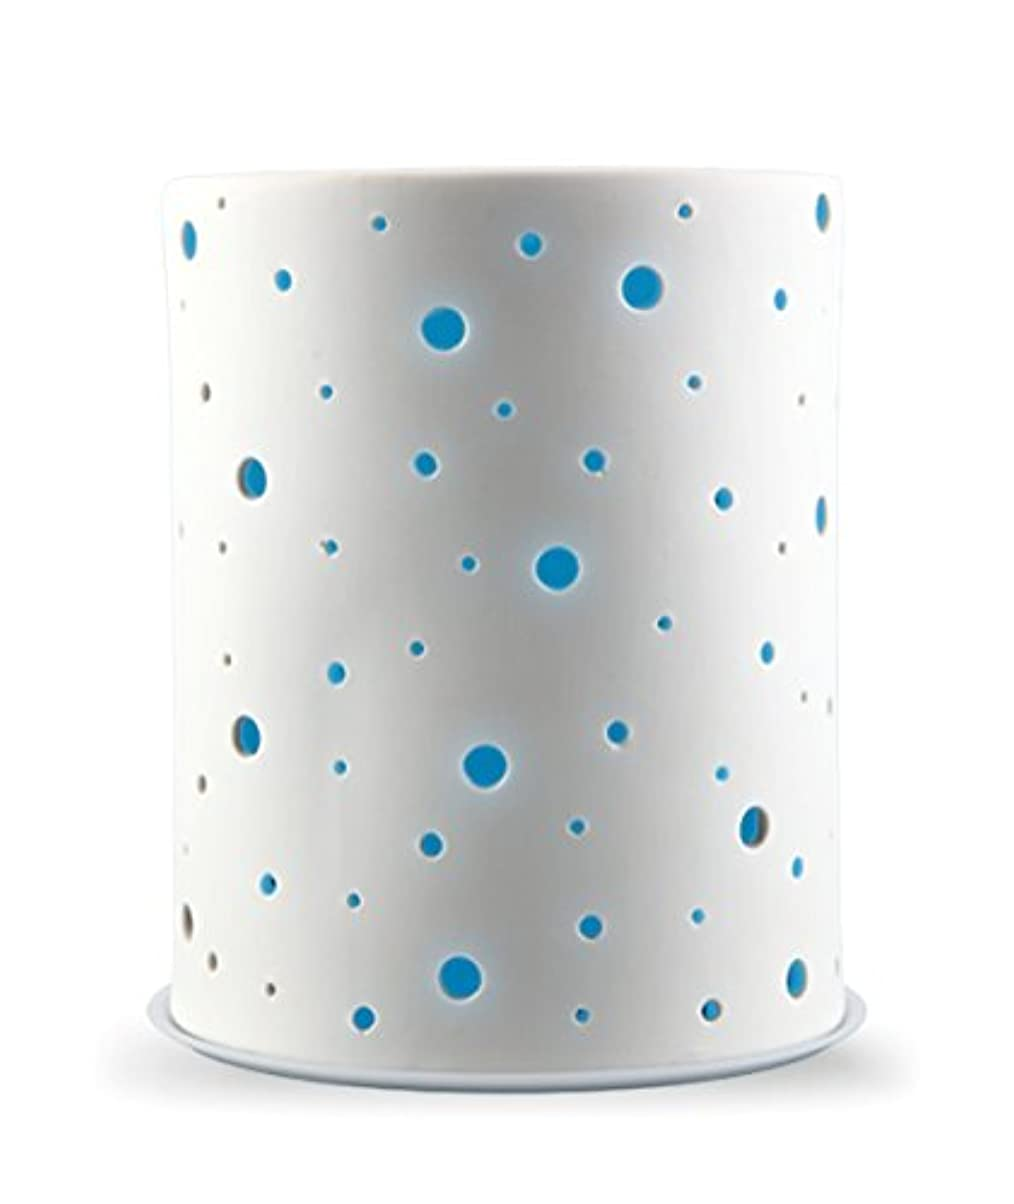 損なう誇張追い付くGalaxy Ceramic LiteMist アロマディフューザー ZAQ社【並行輸入】